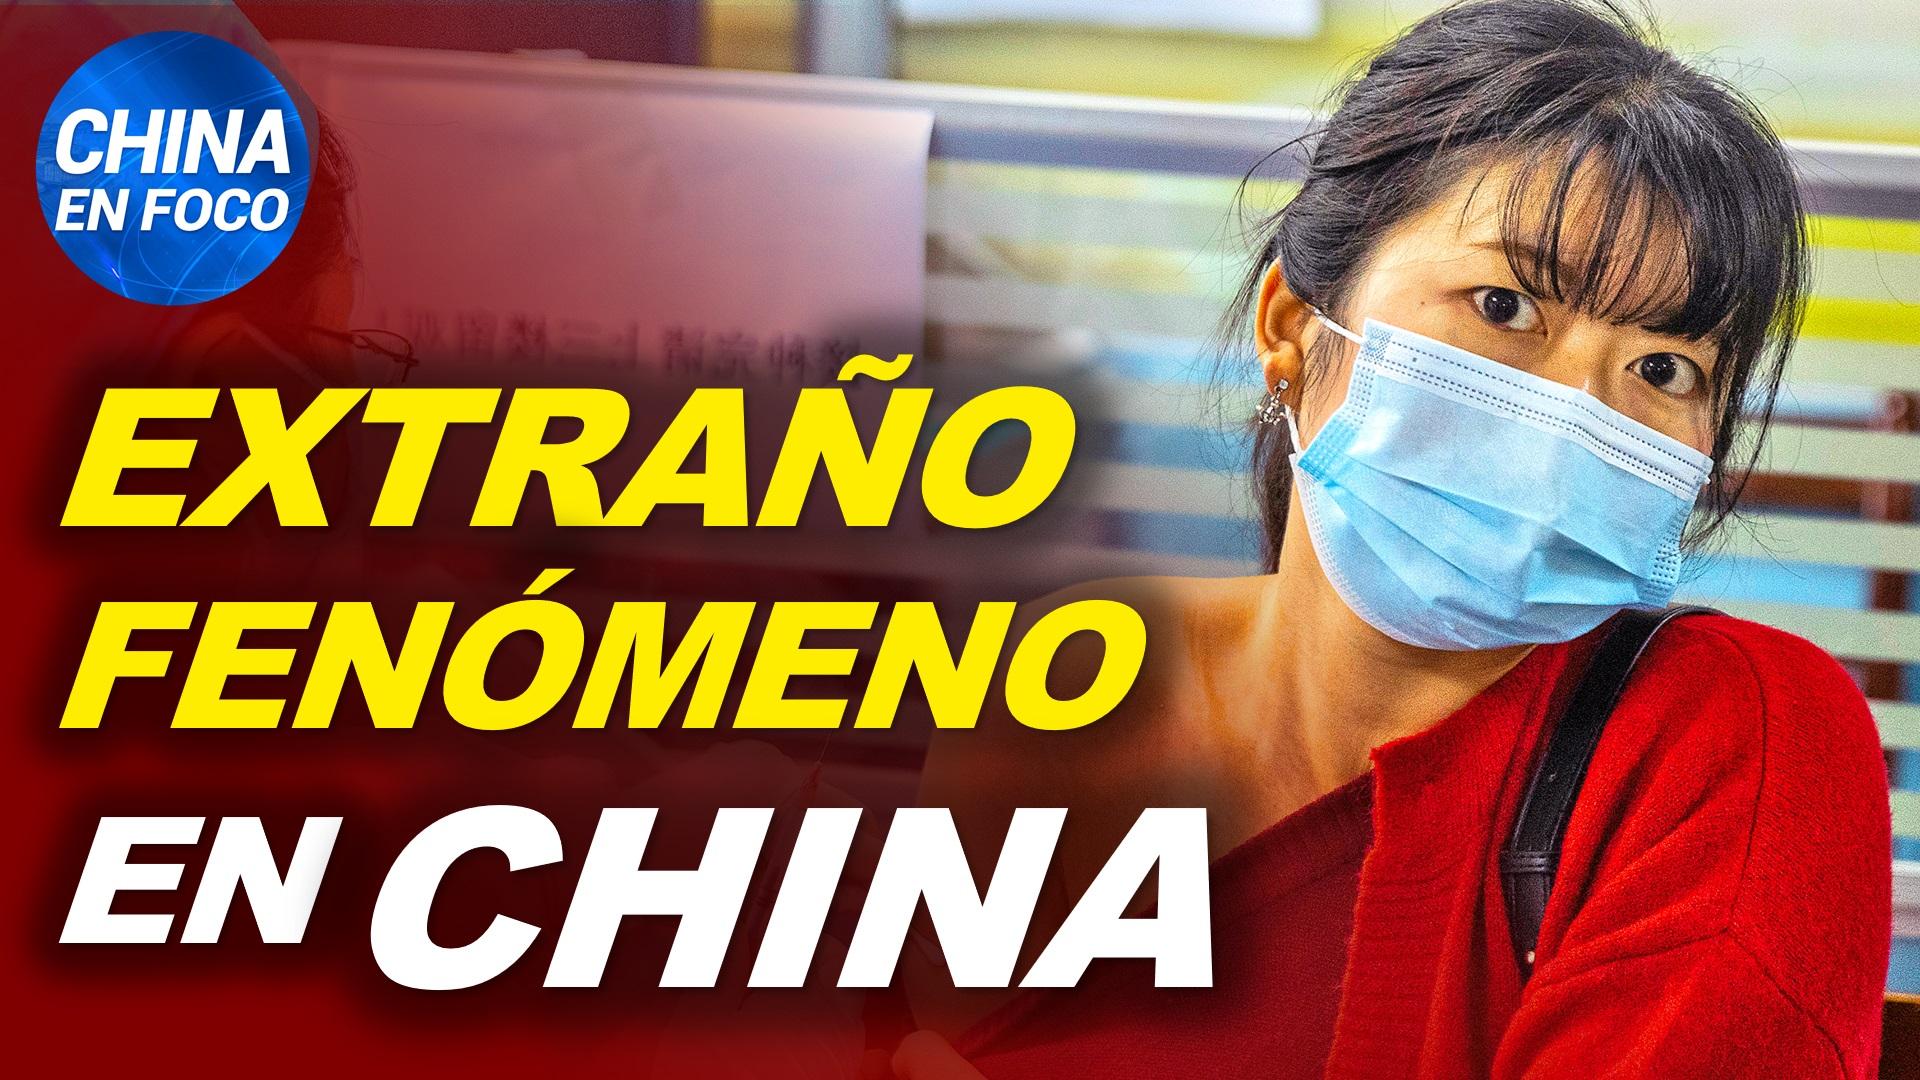 China en Foco: Aparece un extraño fenómeno en China por las vacunas. ¿Acceso a importantes secretos comerciales?